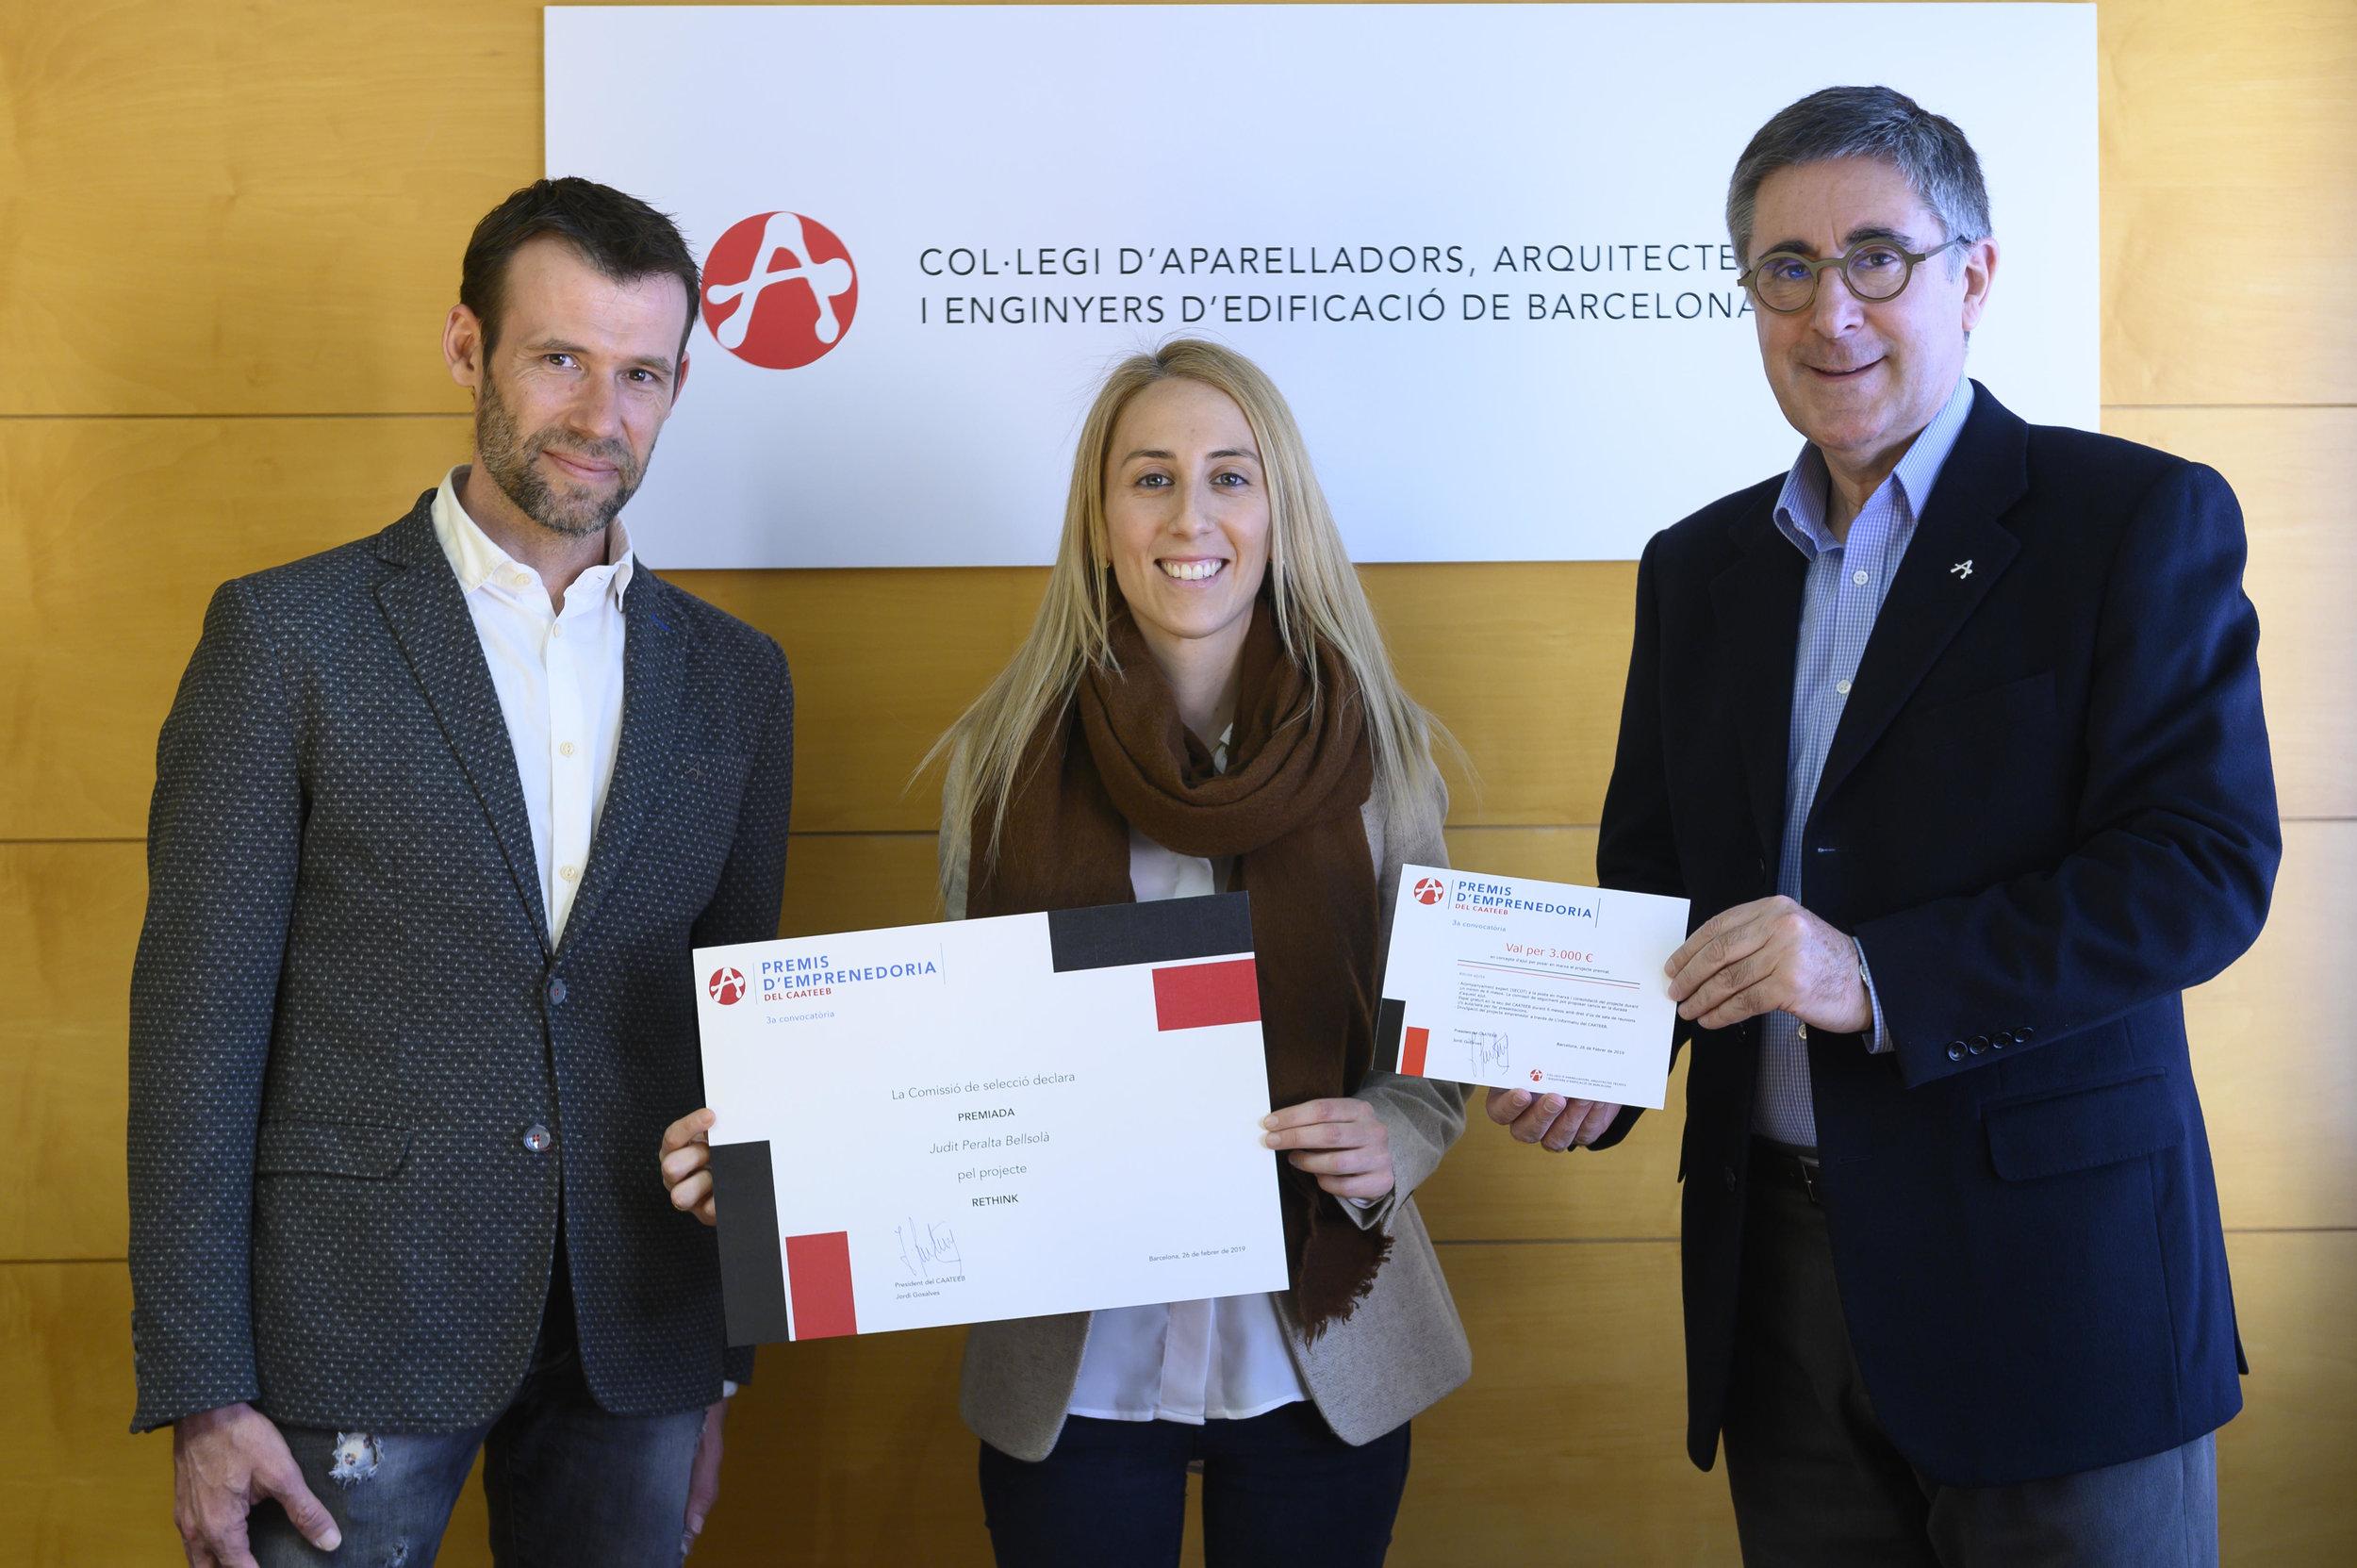 Rethink, ha sido galardonado con el Premio al Emprendimiento que ofrece el Colegio de Aparejadores, Arquitectos Técnicos e Ingeniero de la Edificación de Barcelona (CAATEEB).